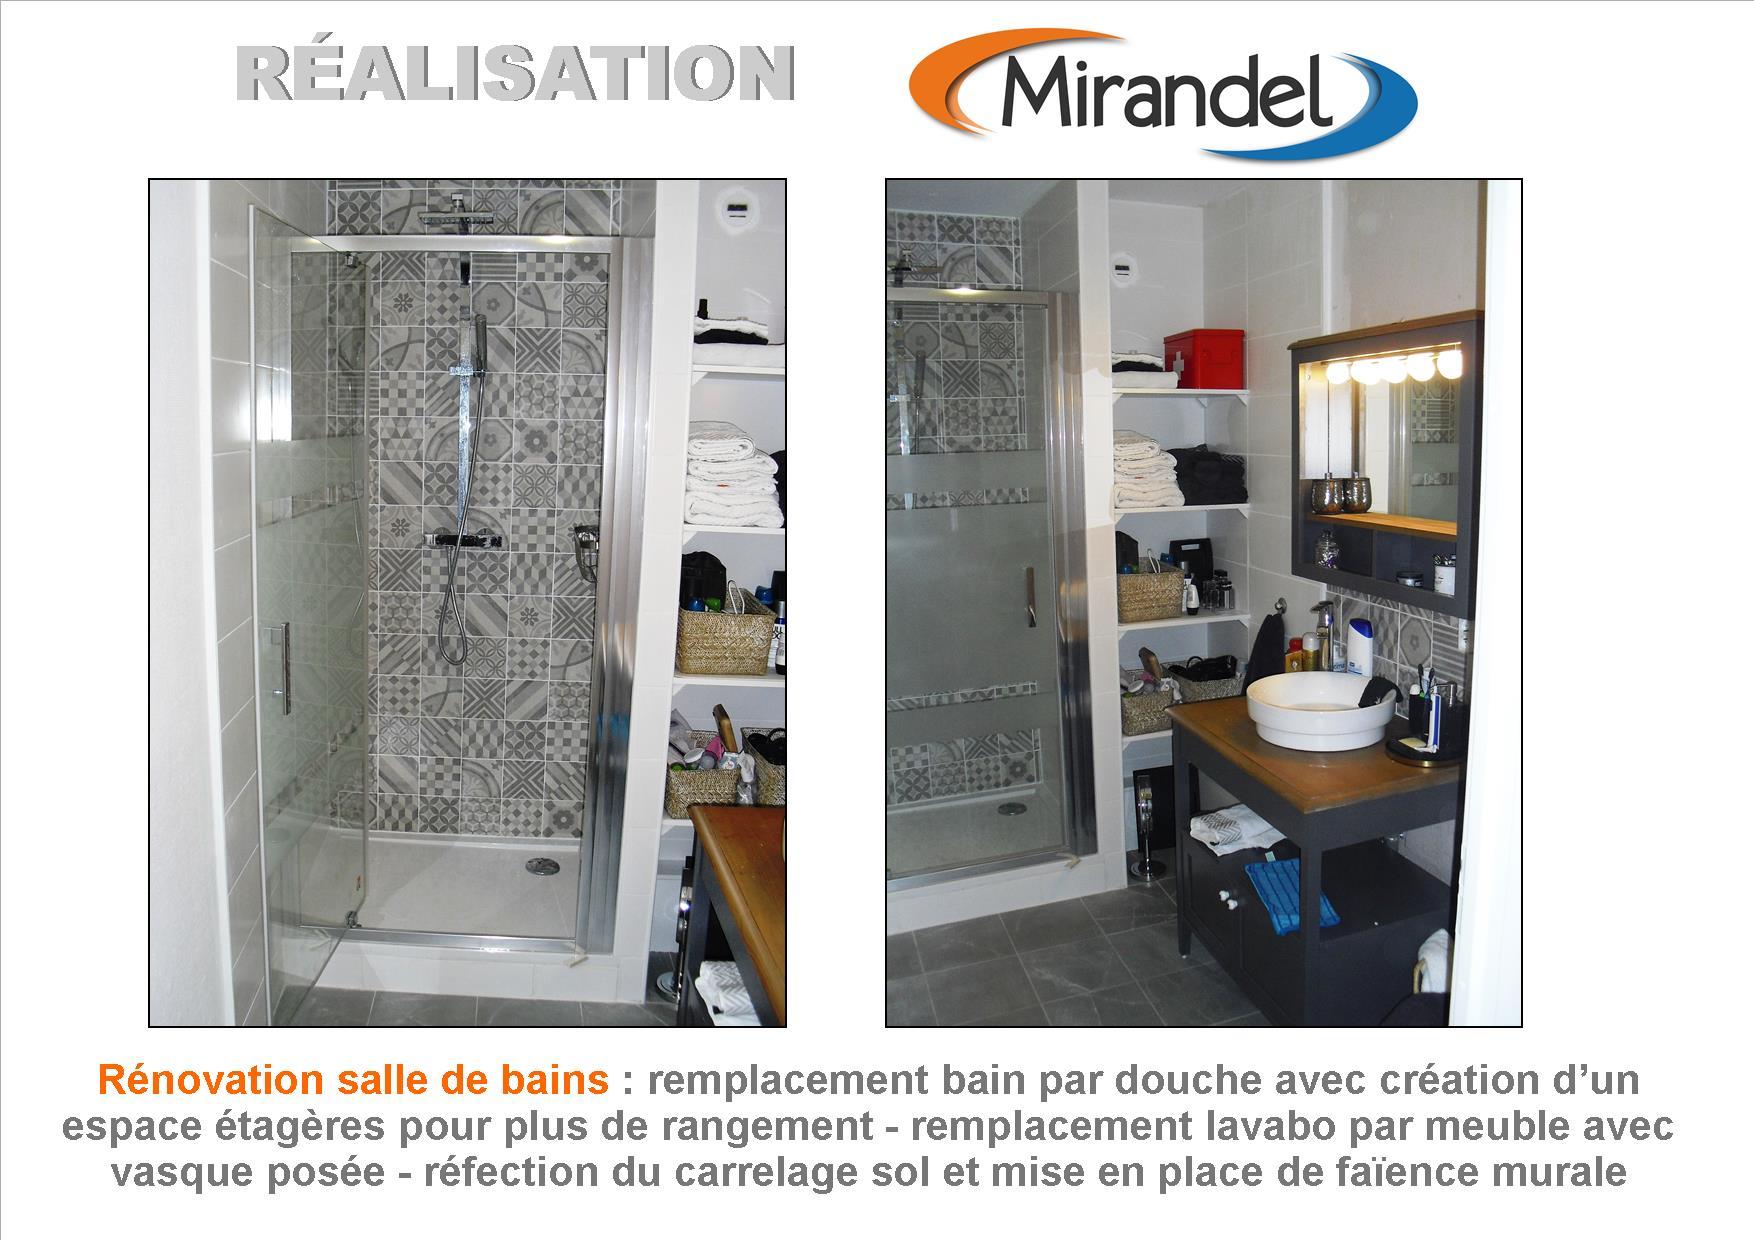 Rénovation salle de bains à Reims